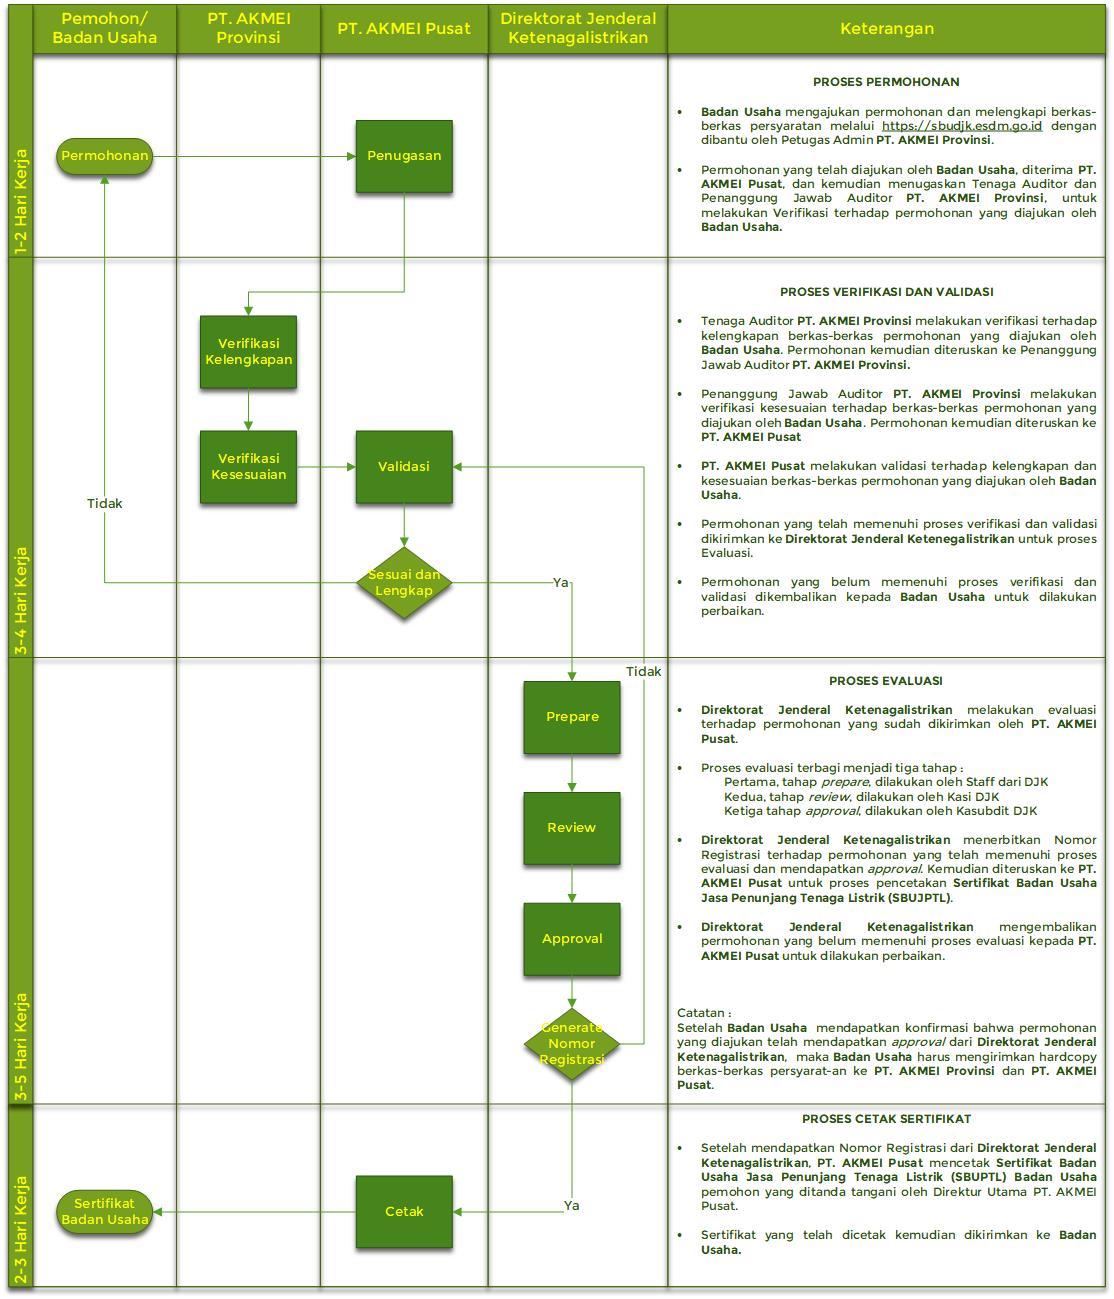 Bagaimana Proses Sertifikasi Badan Usaha ?